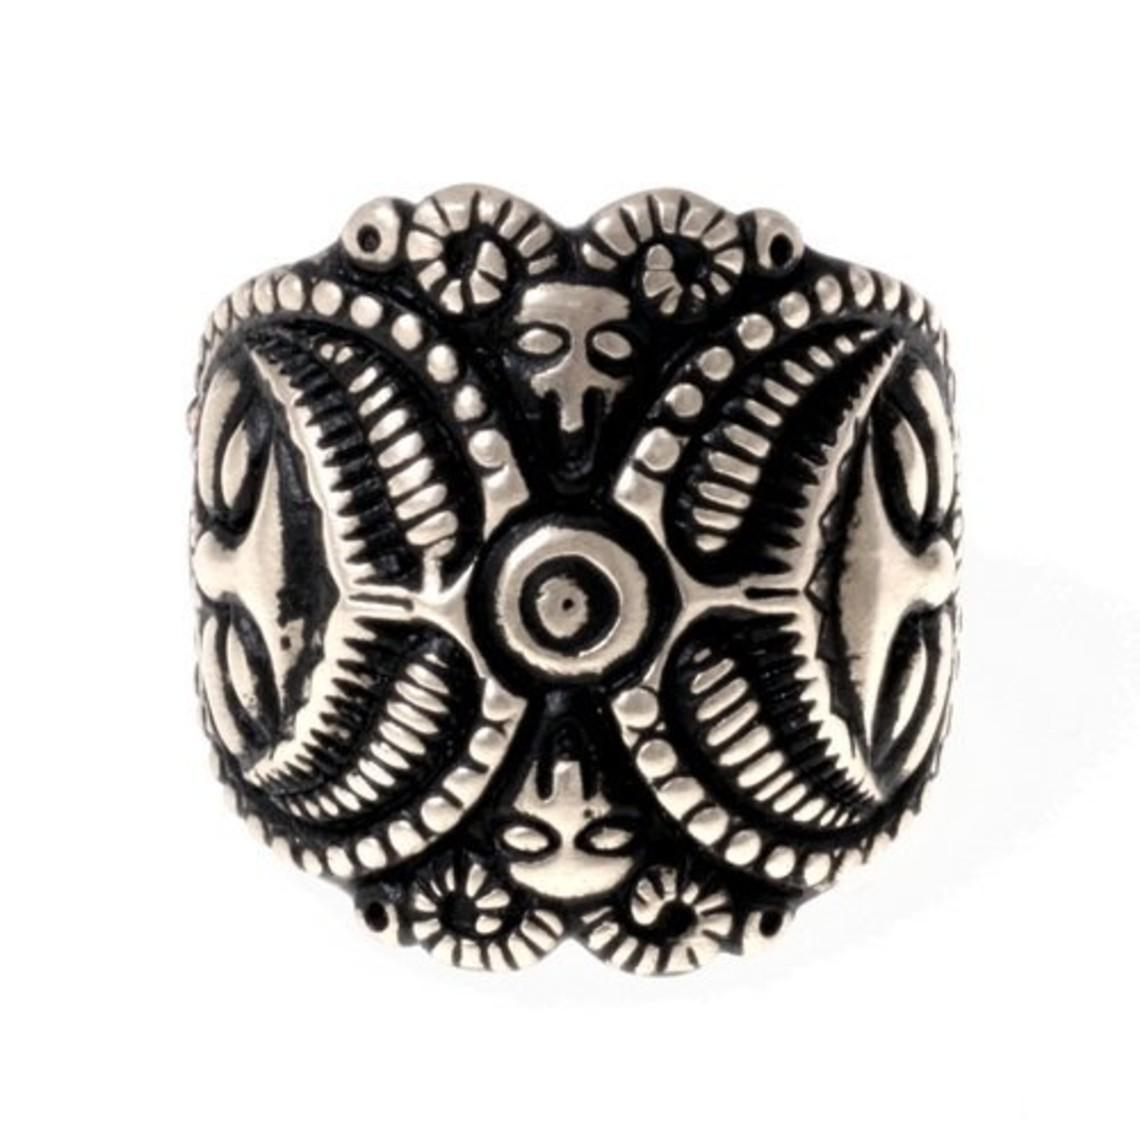 Keltischer La Tène Ring, Bronze